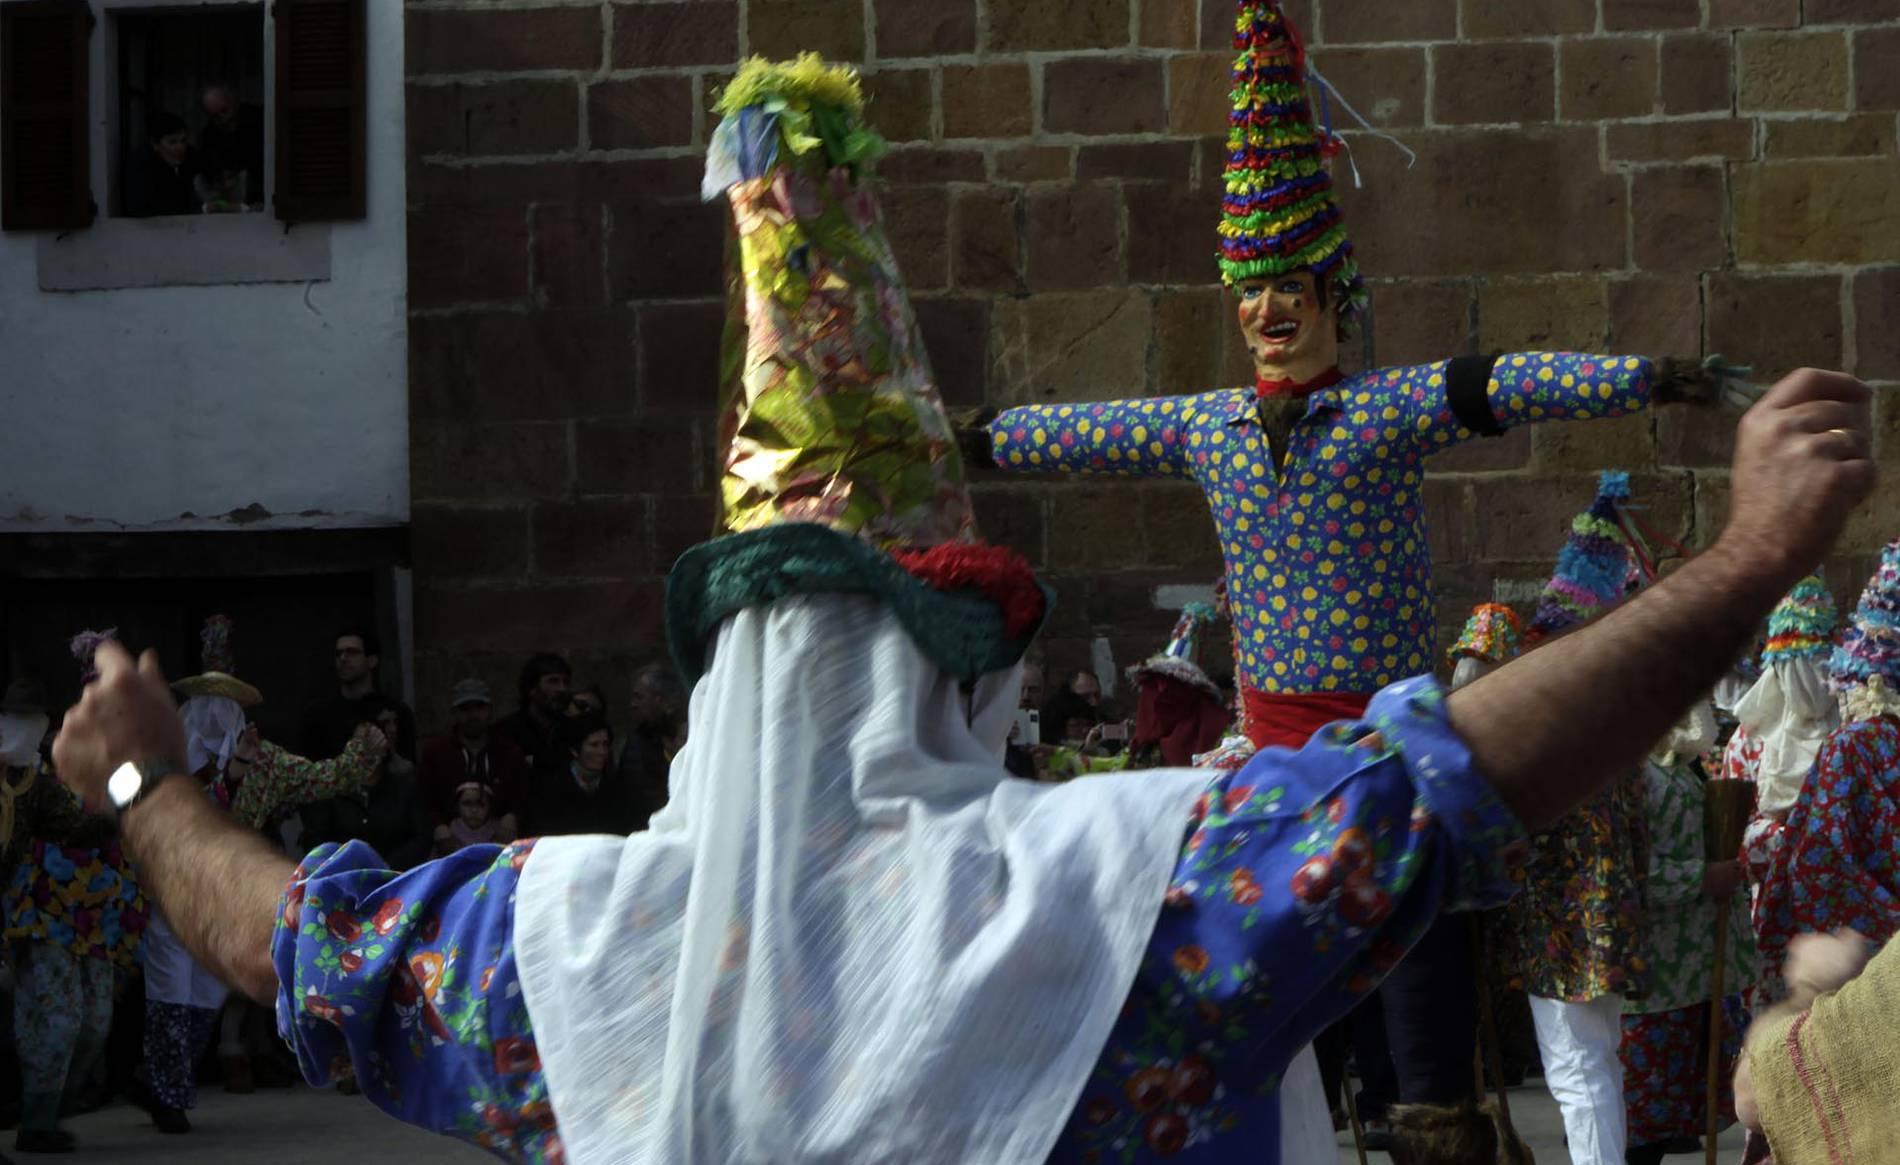 Carnaval de Lantz (1/51) - Fotografías de la captura de Miel Otxin y la ceremonia de Ziripot. - Zona norte -